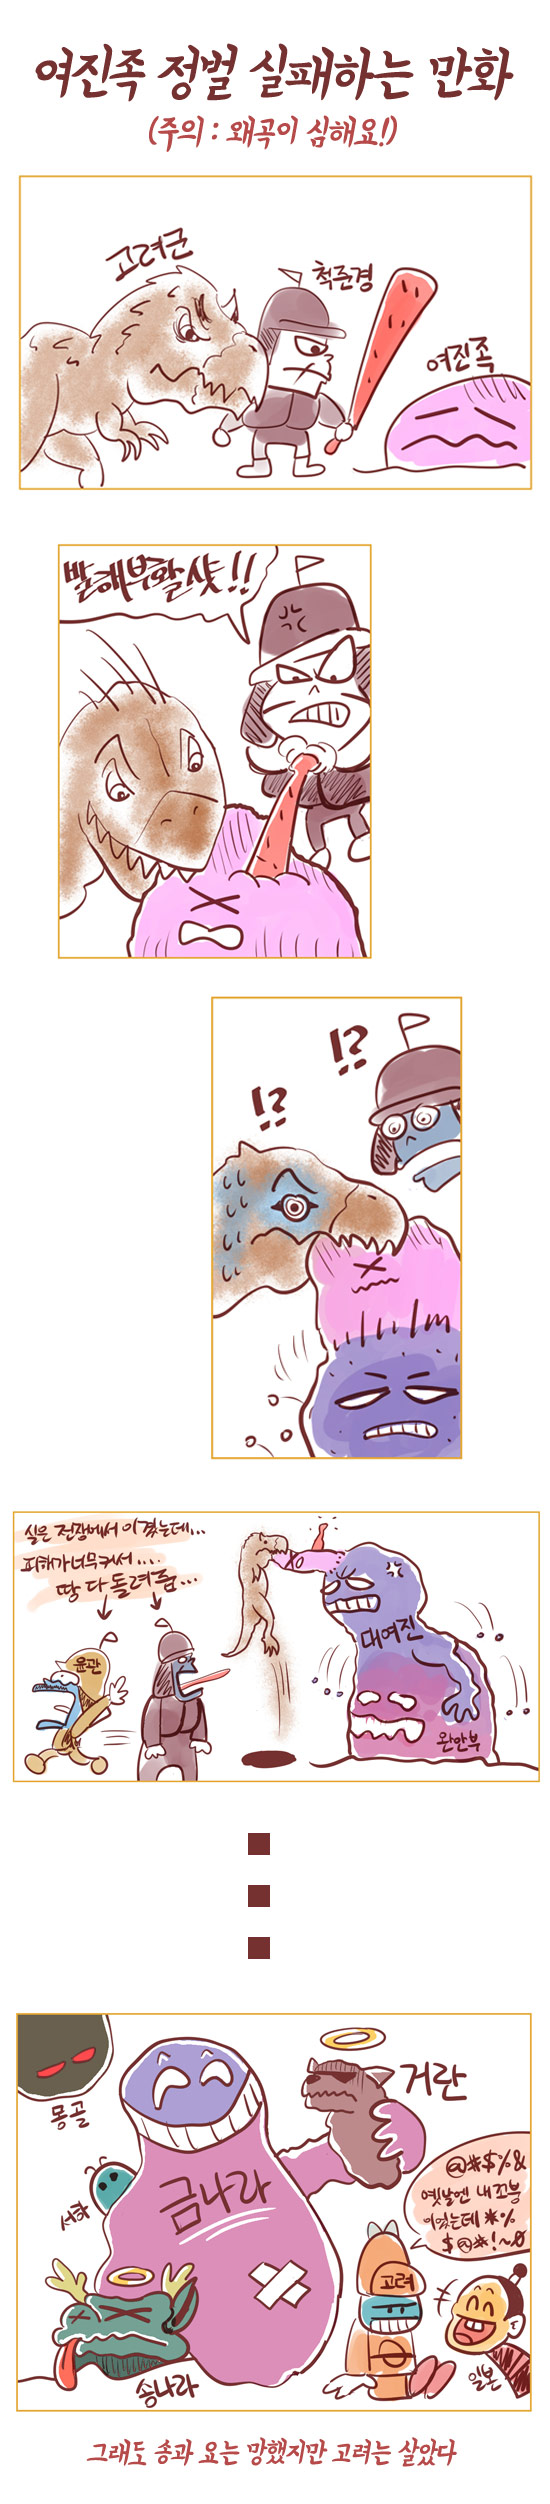 [병맛] 여진족 정벌 실패하는 만화.jpg